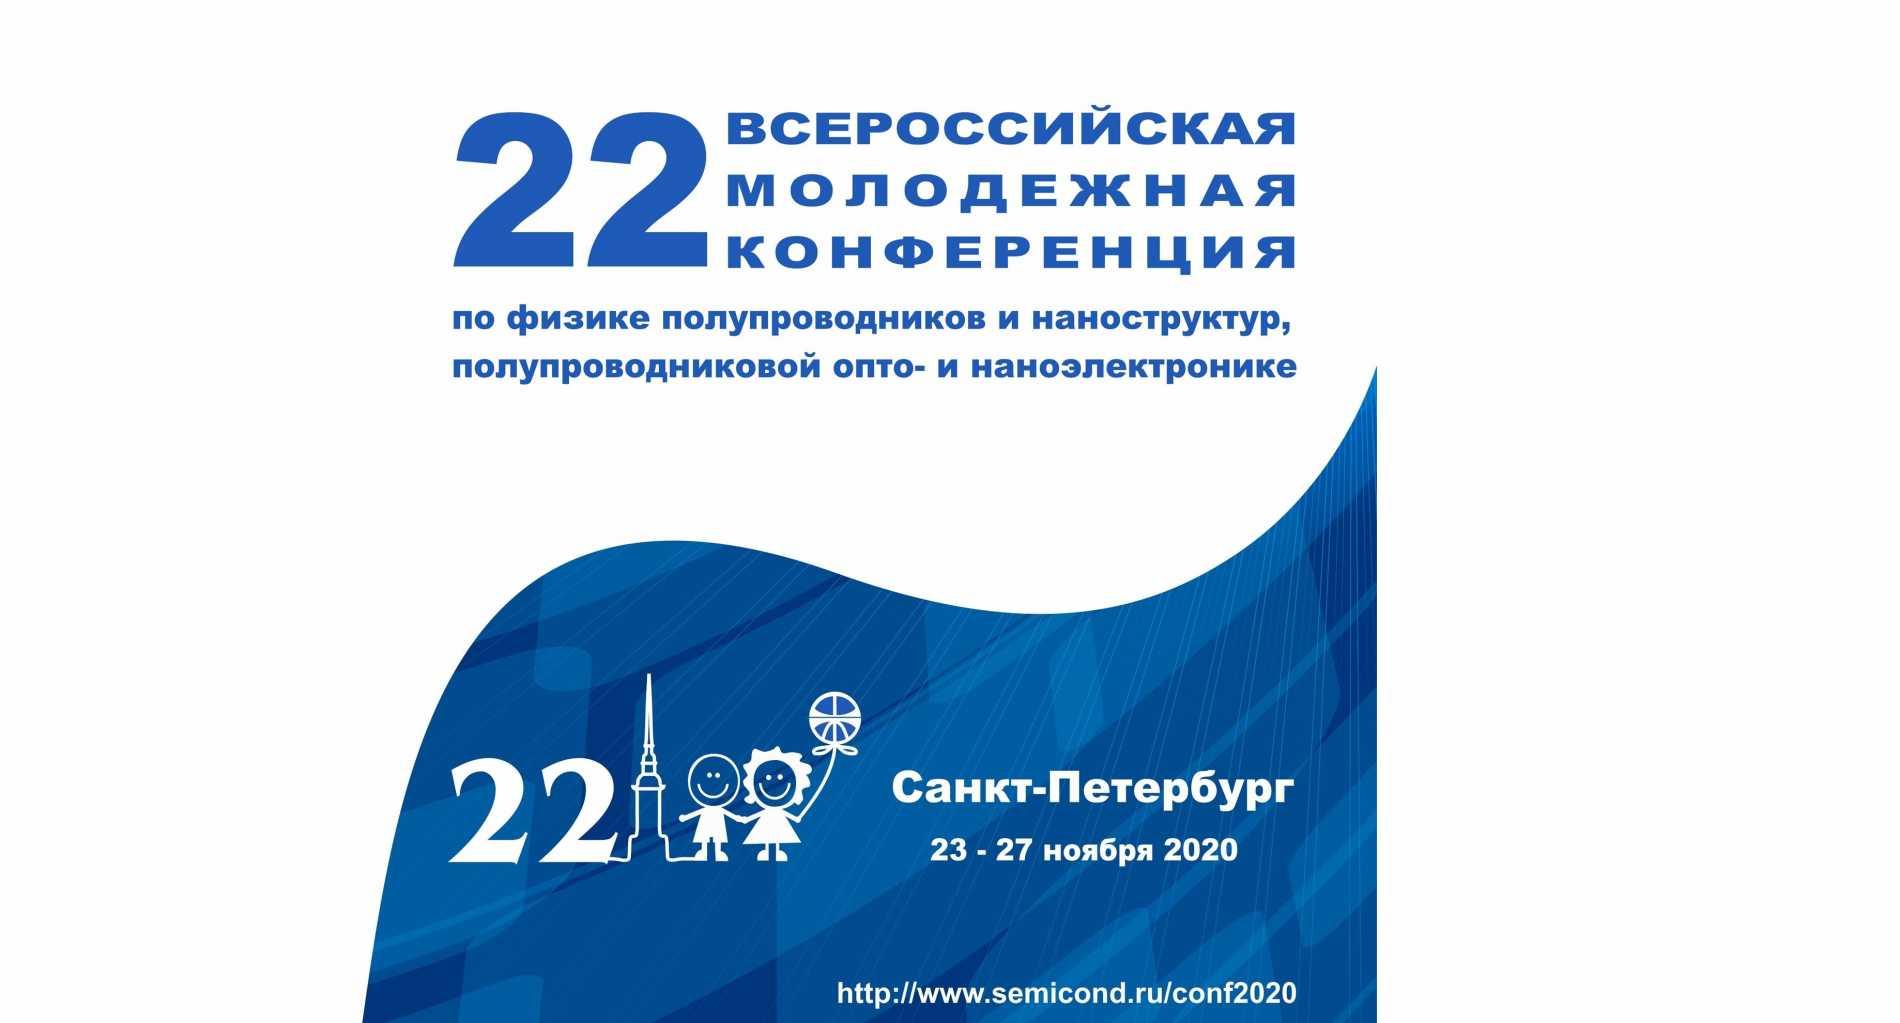 Конференция по физике полупроводников и наноструктур – событие всероссийского масштаба